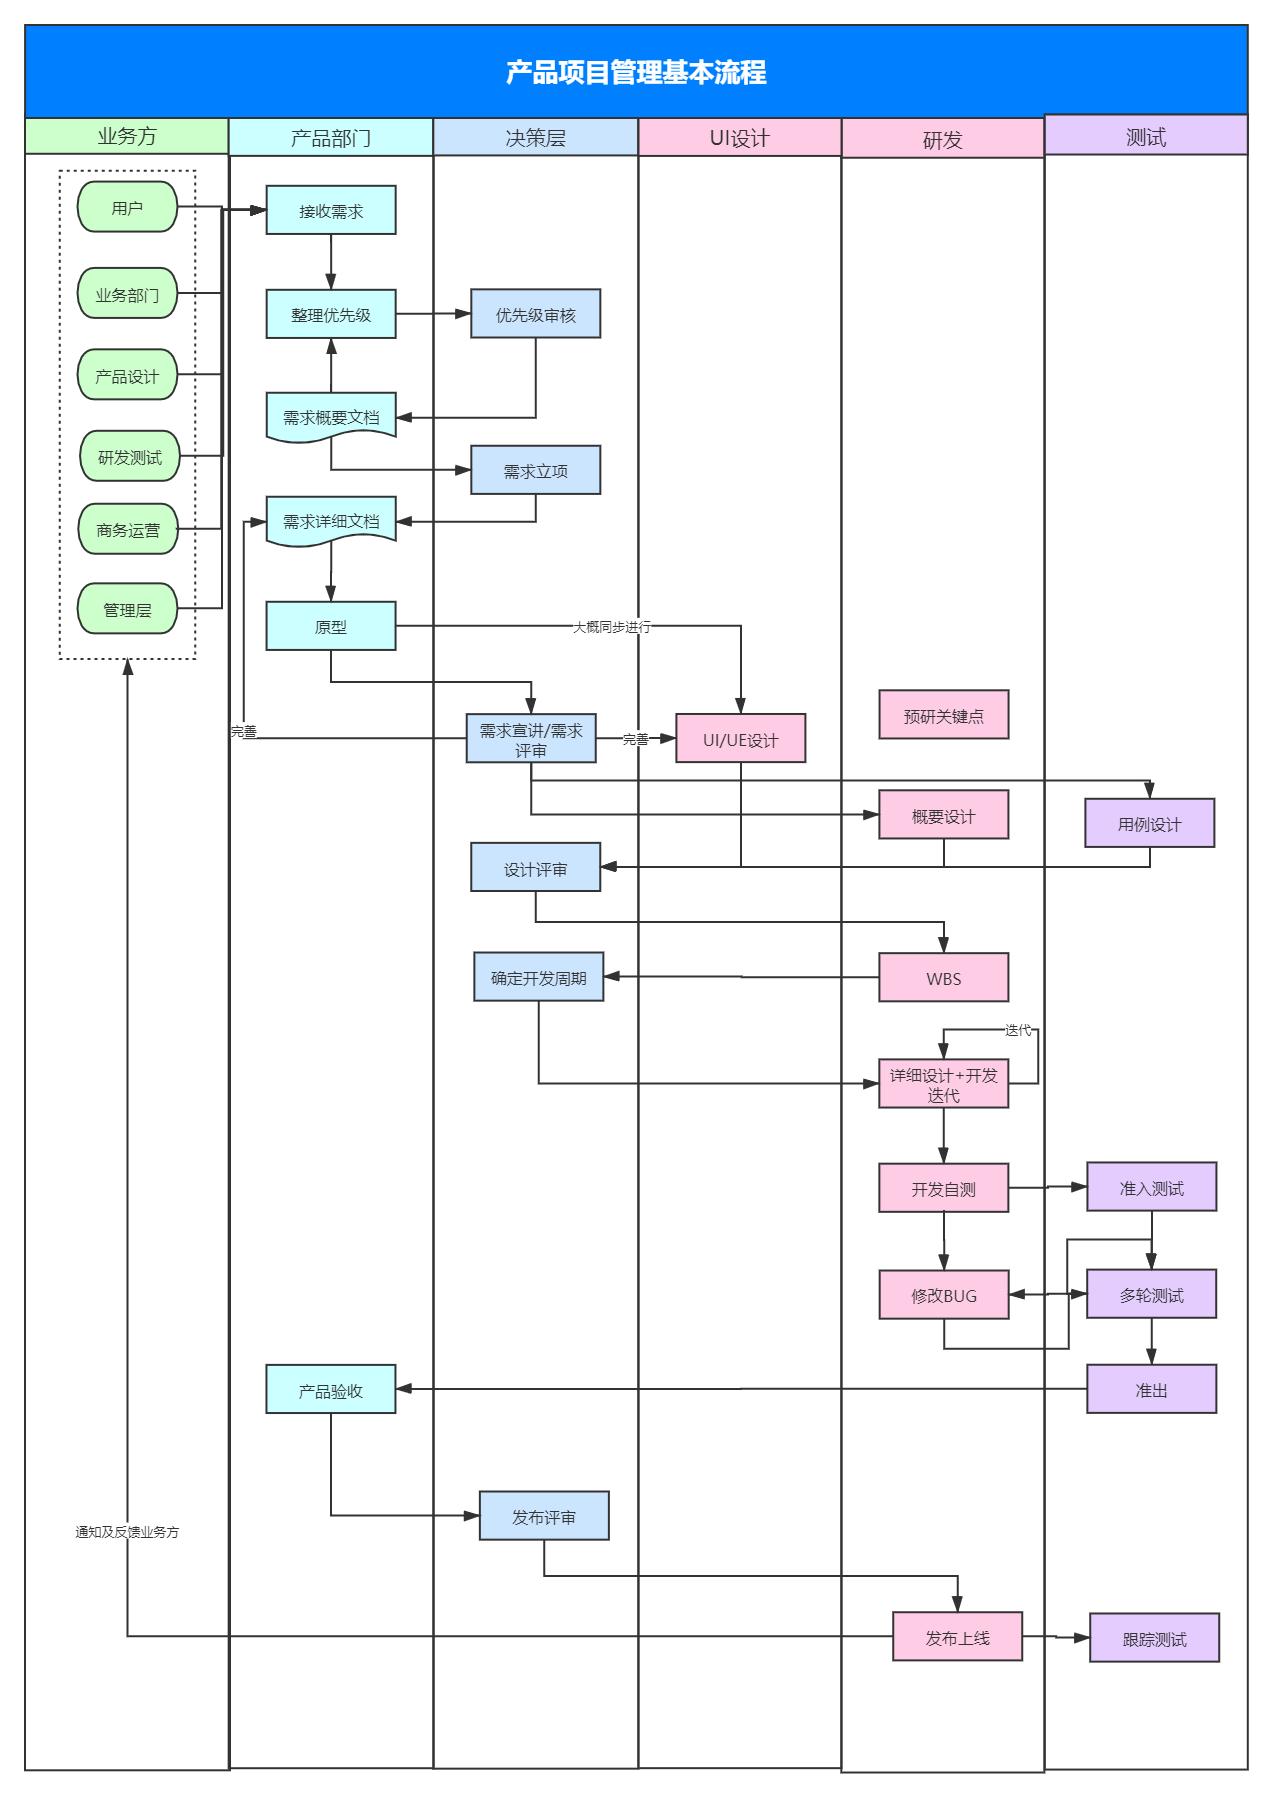 产品项目管理基本流程